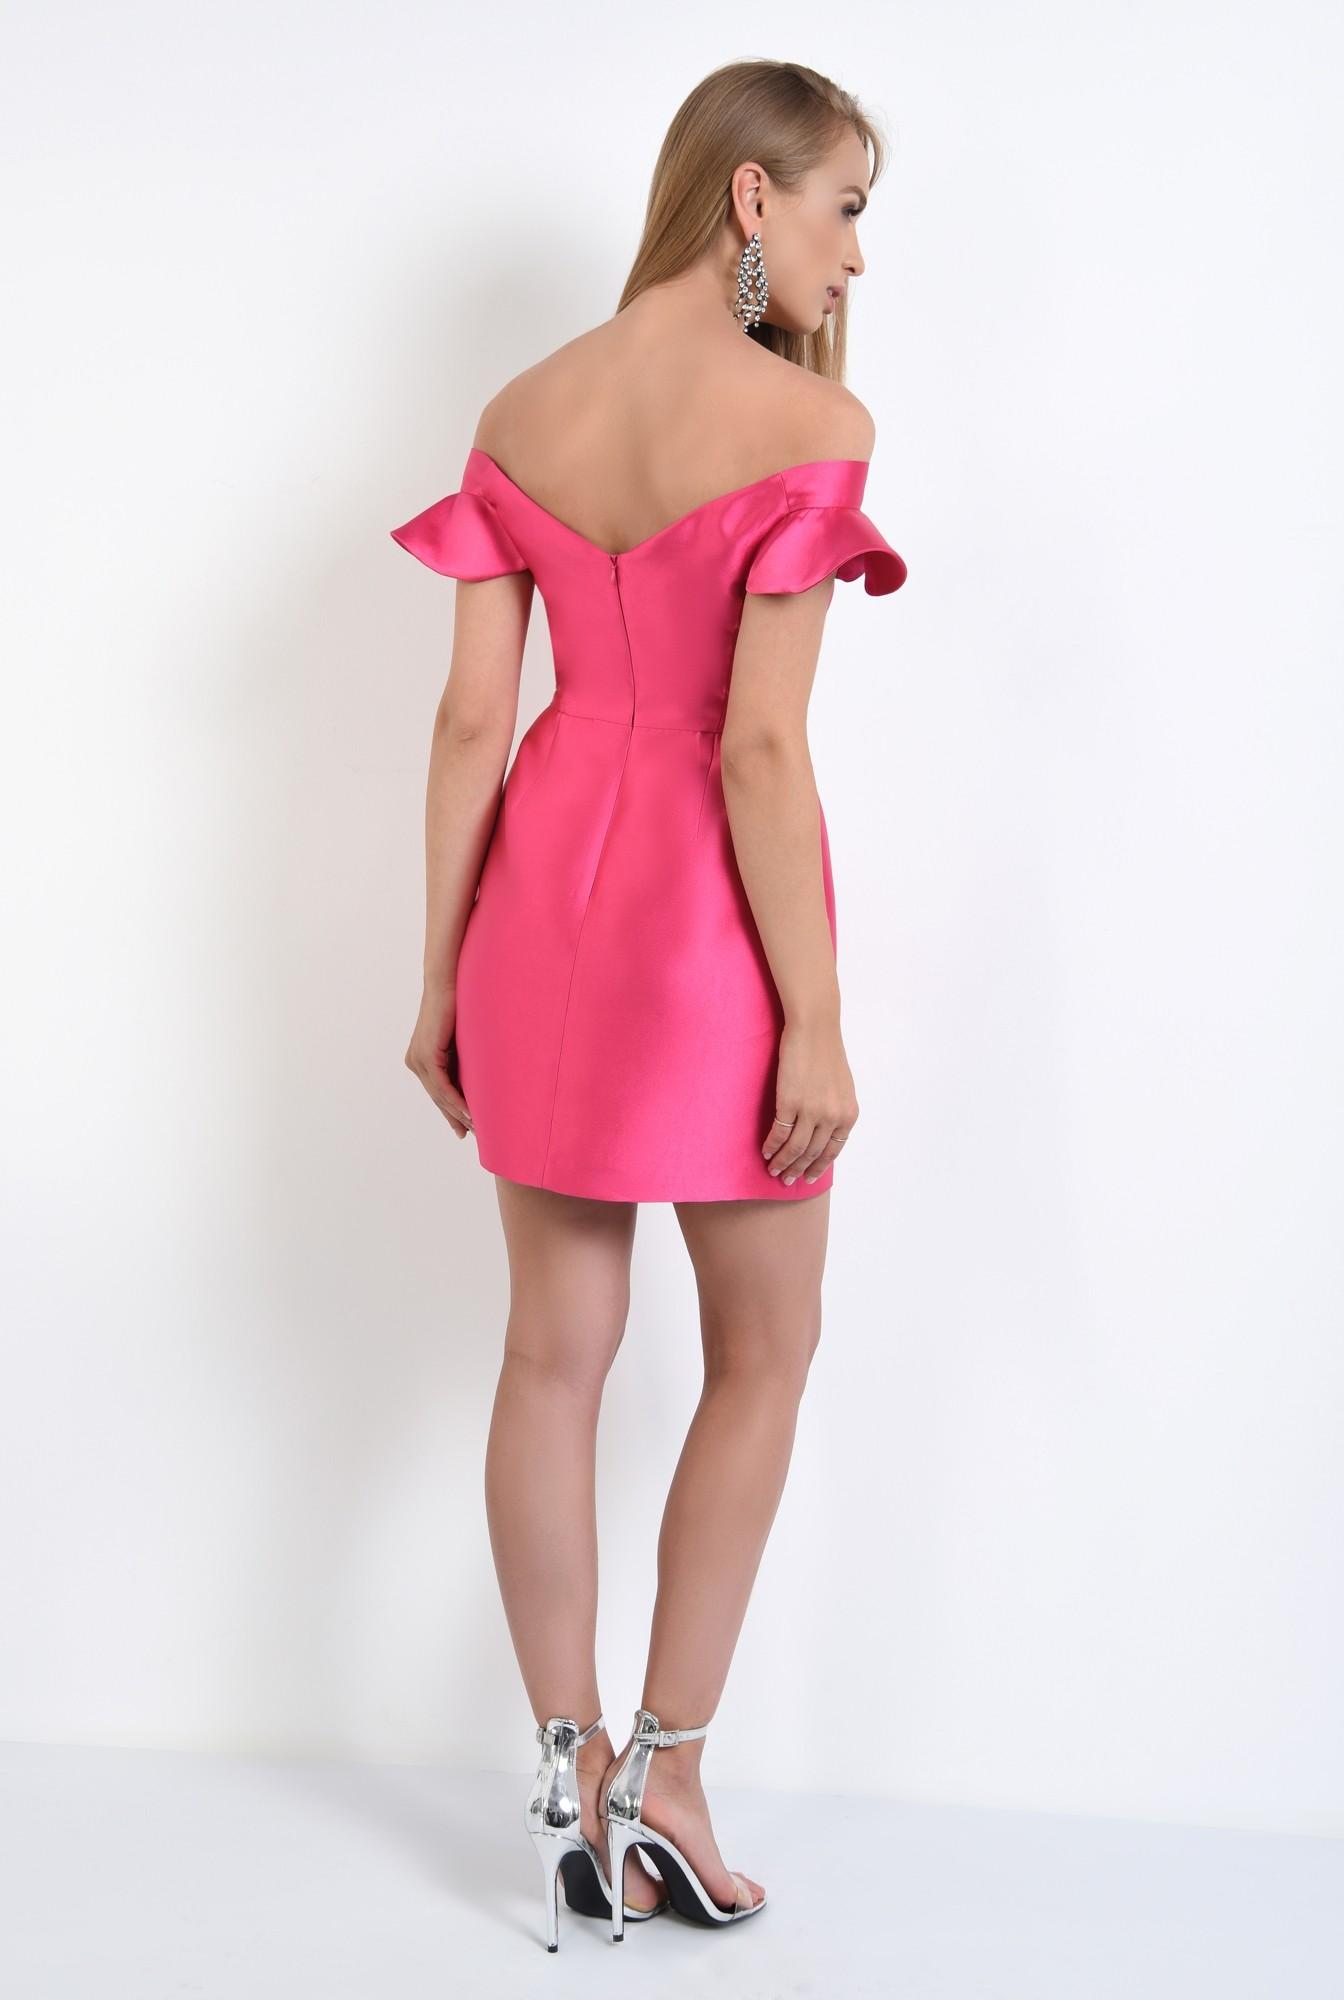 1 - rochie de seara, scurta, din tafta, roz, decoltata, cu umerii goi